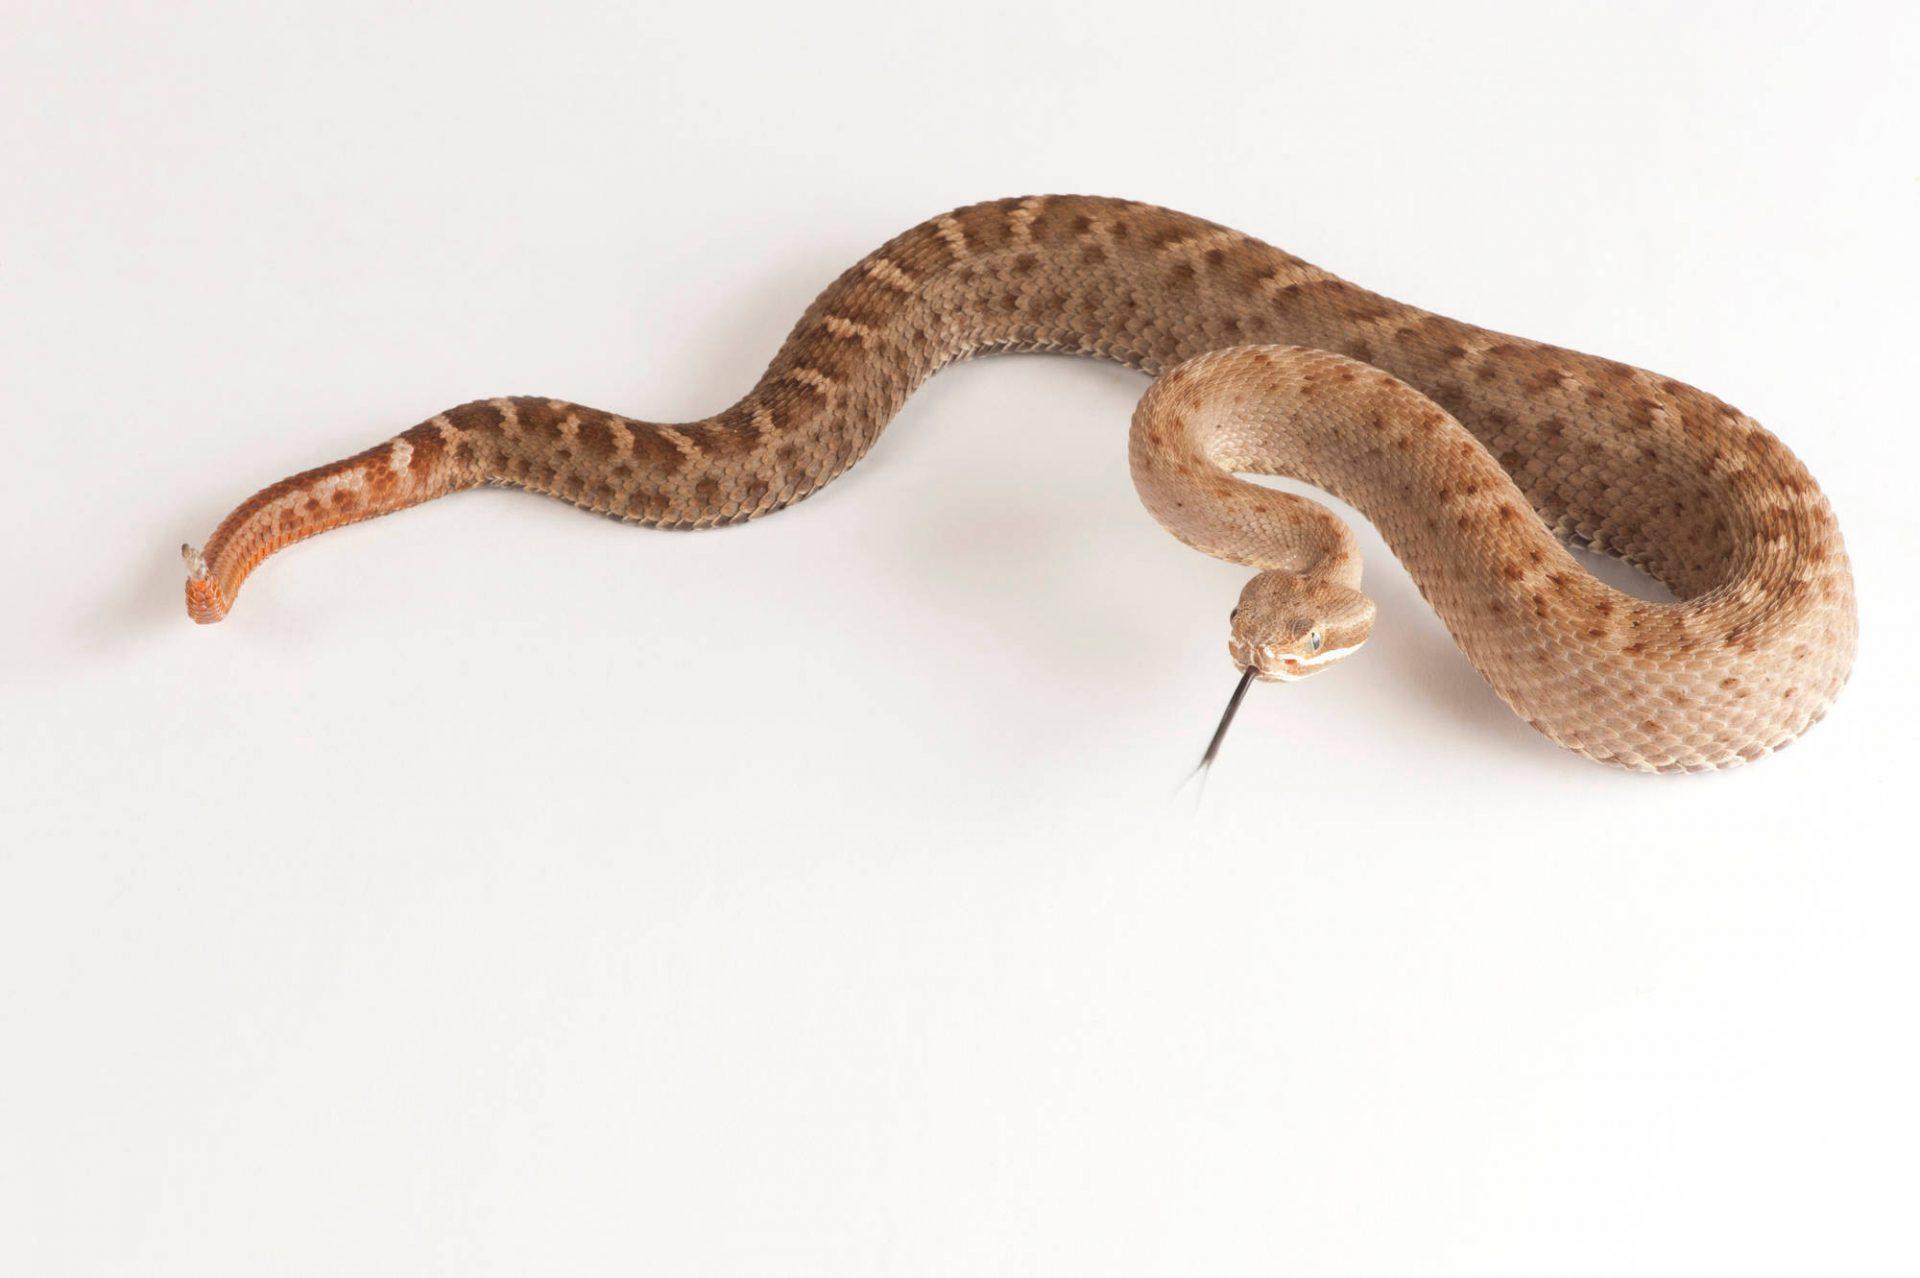 A Southern ridge-nosed rattlesnake (Crotalus willardi meridionalis).